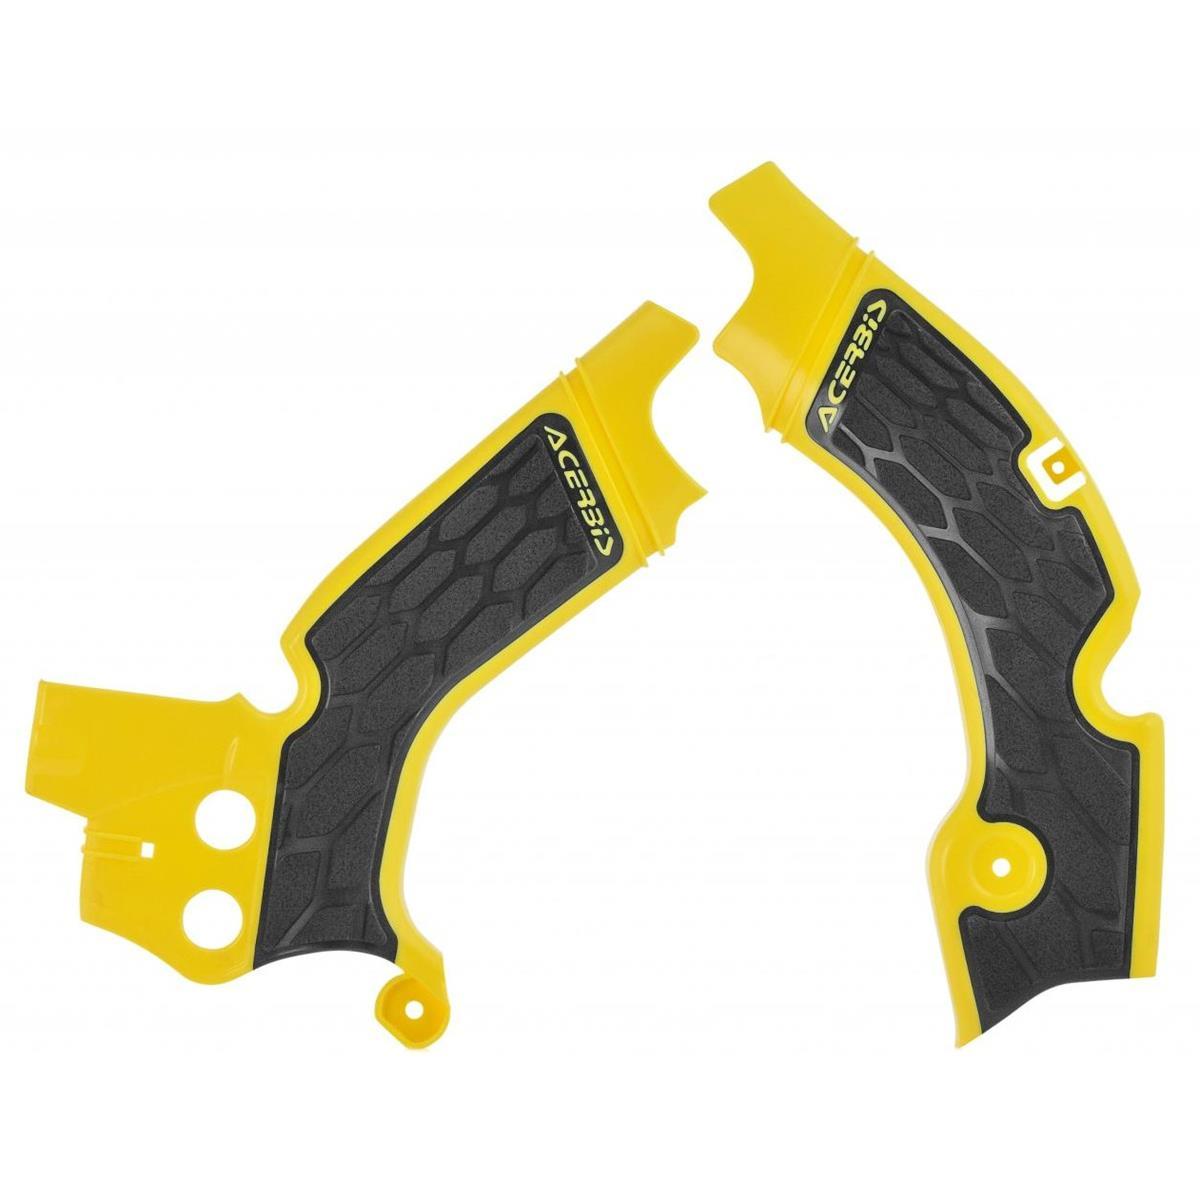 Acerbis Rahmenschutz X-Grip Suzuki RMZ 450 08-17, Gelb/Schwarz